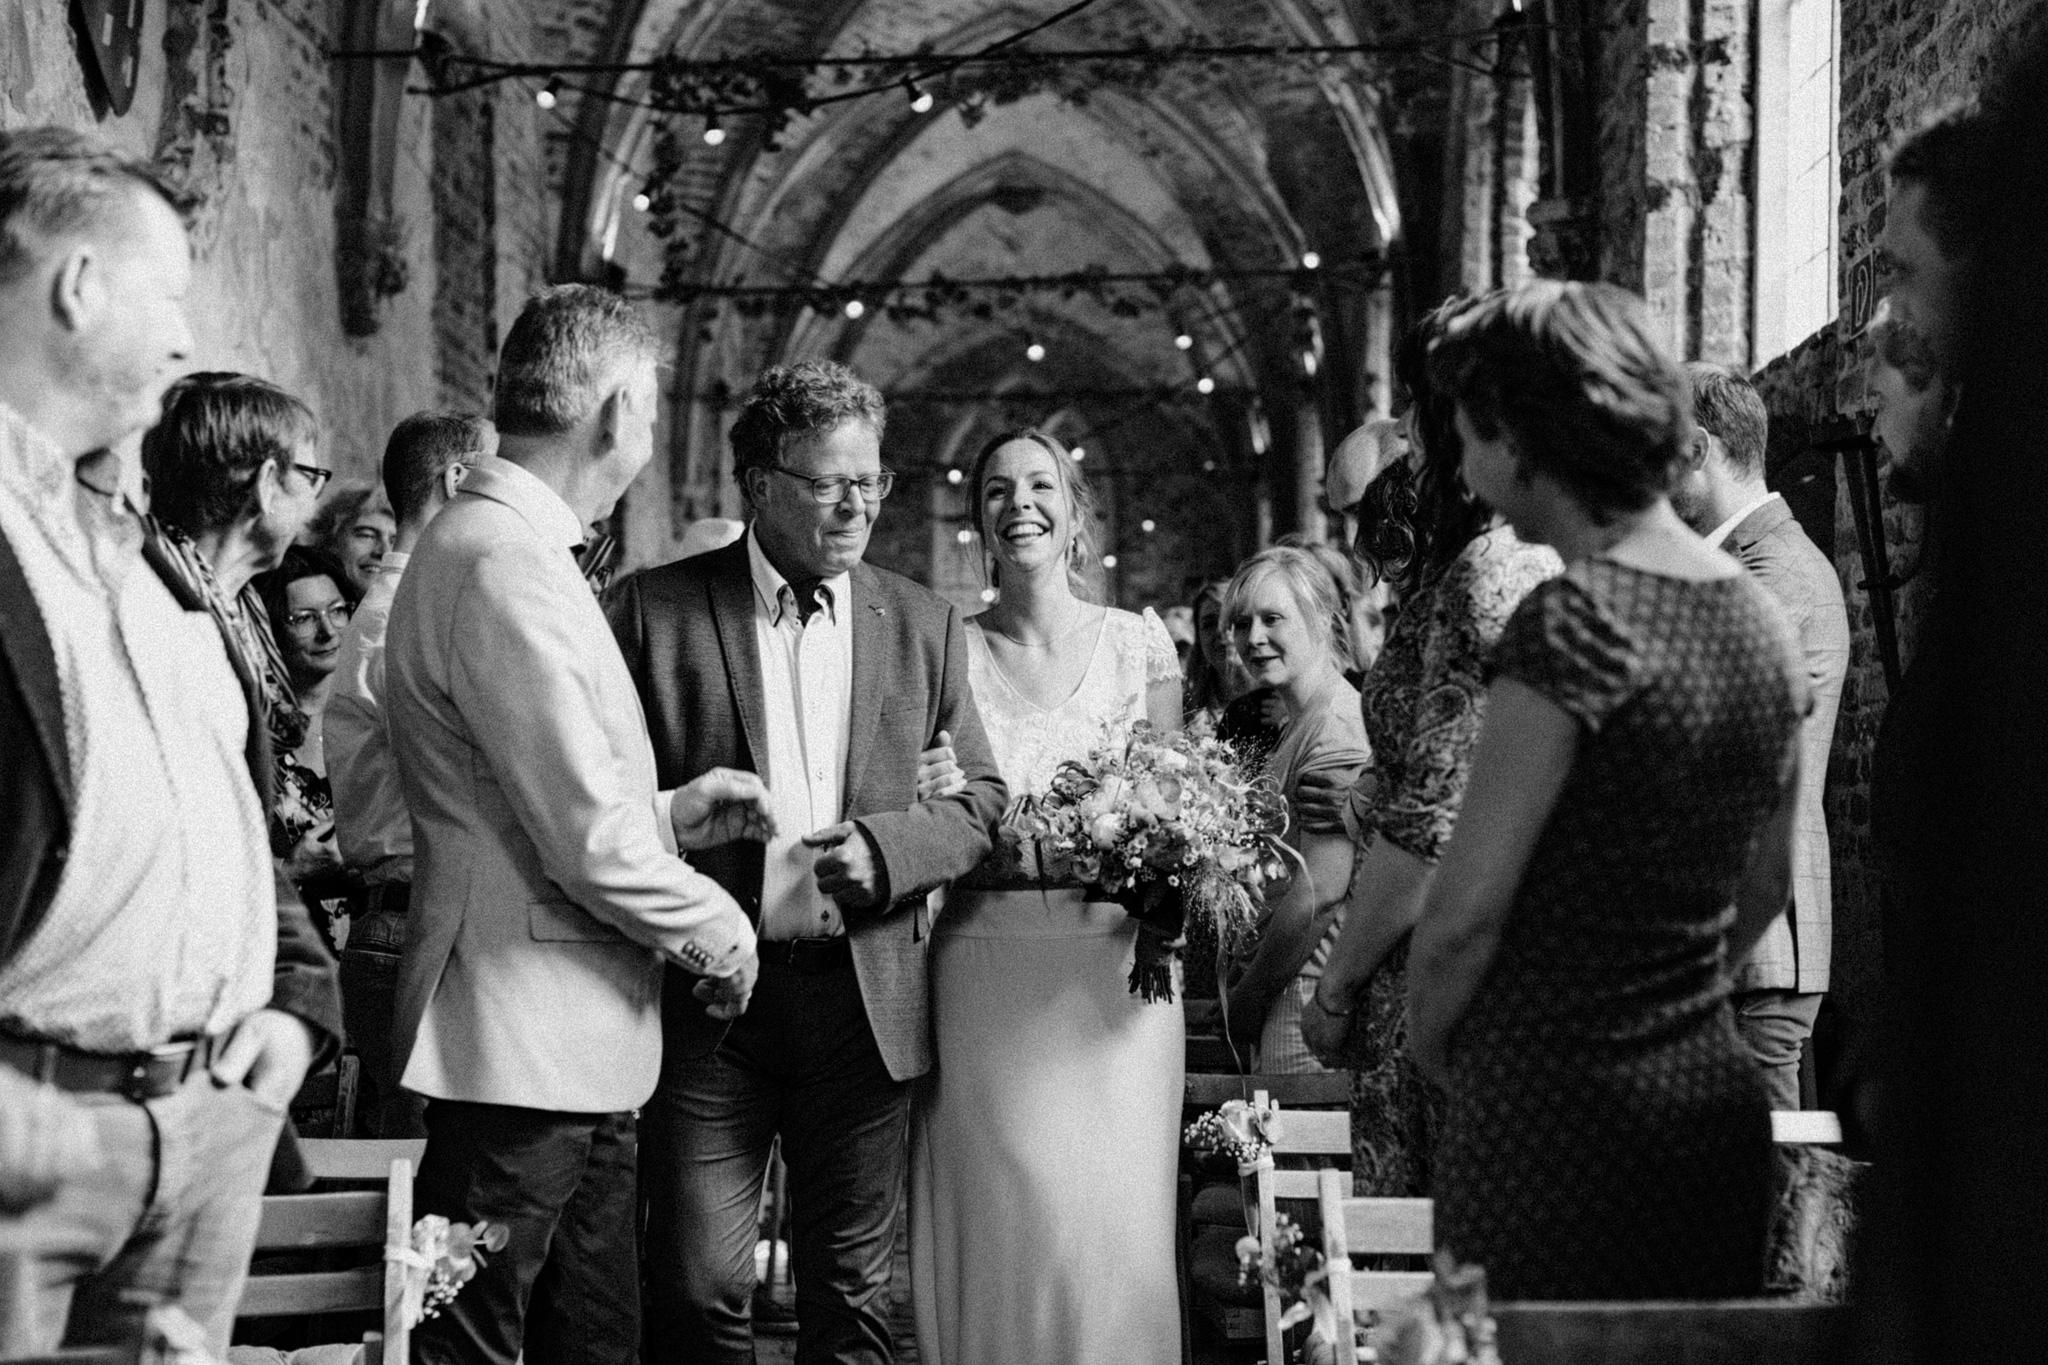 Bruid arriveert bij trouwceremonie Kloster Graefenthal